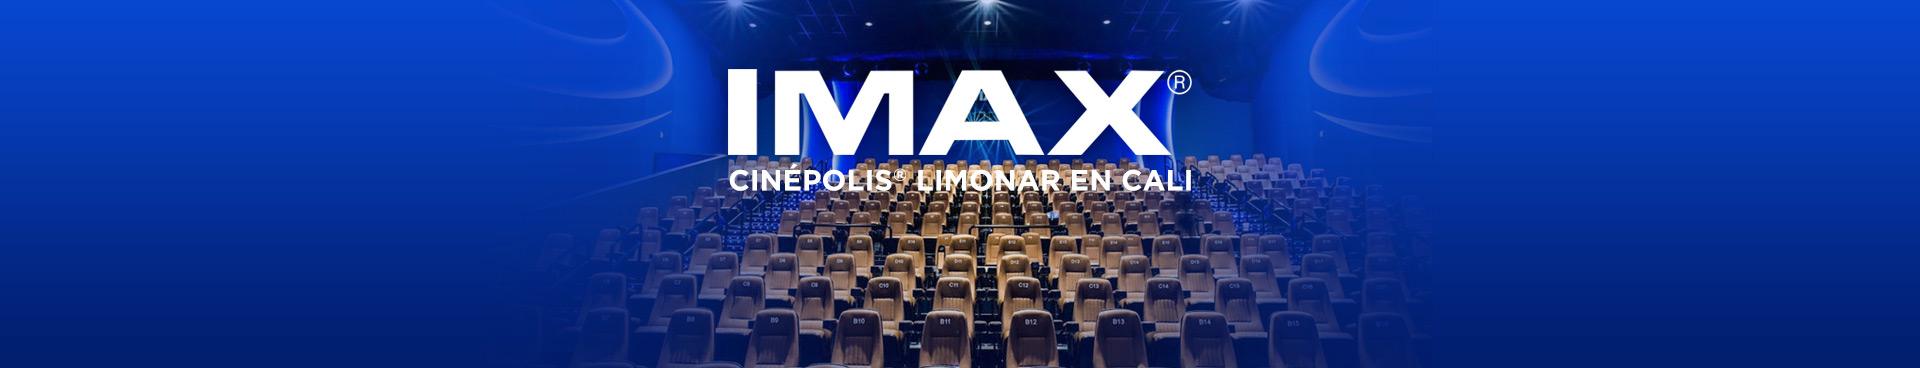 Experiencia IMAX en Cinépolis Limonar Cali